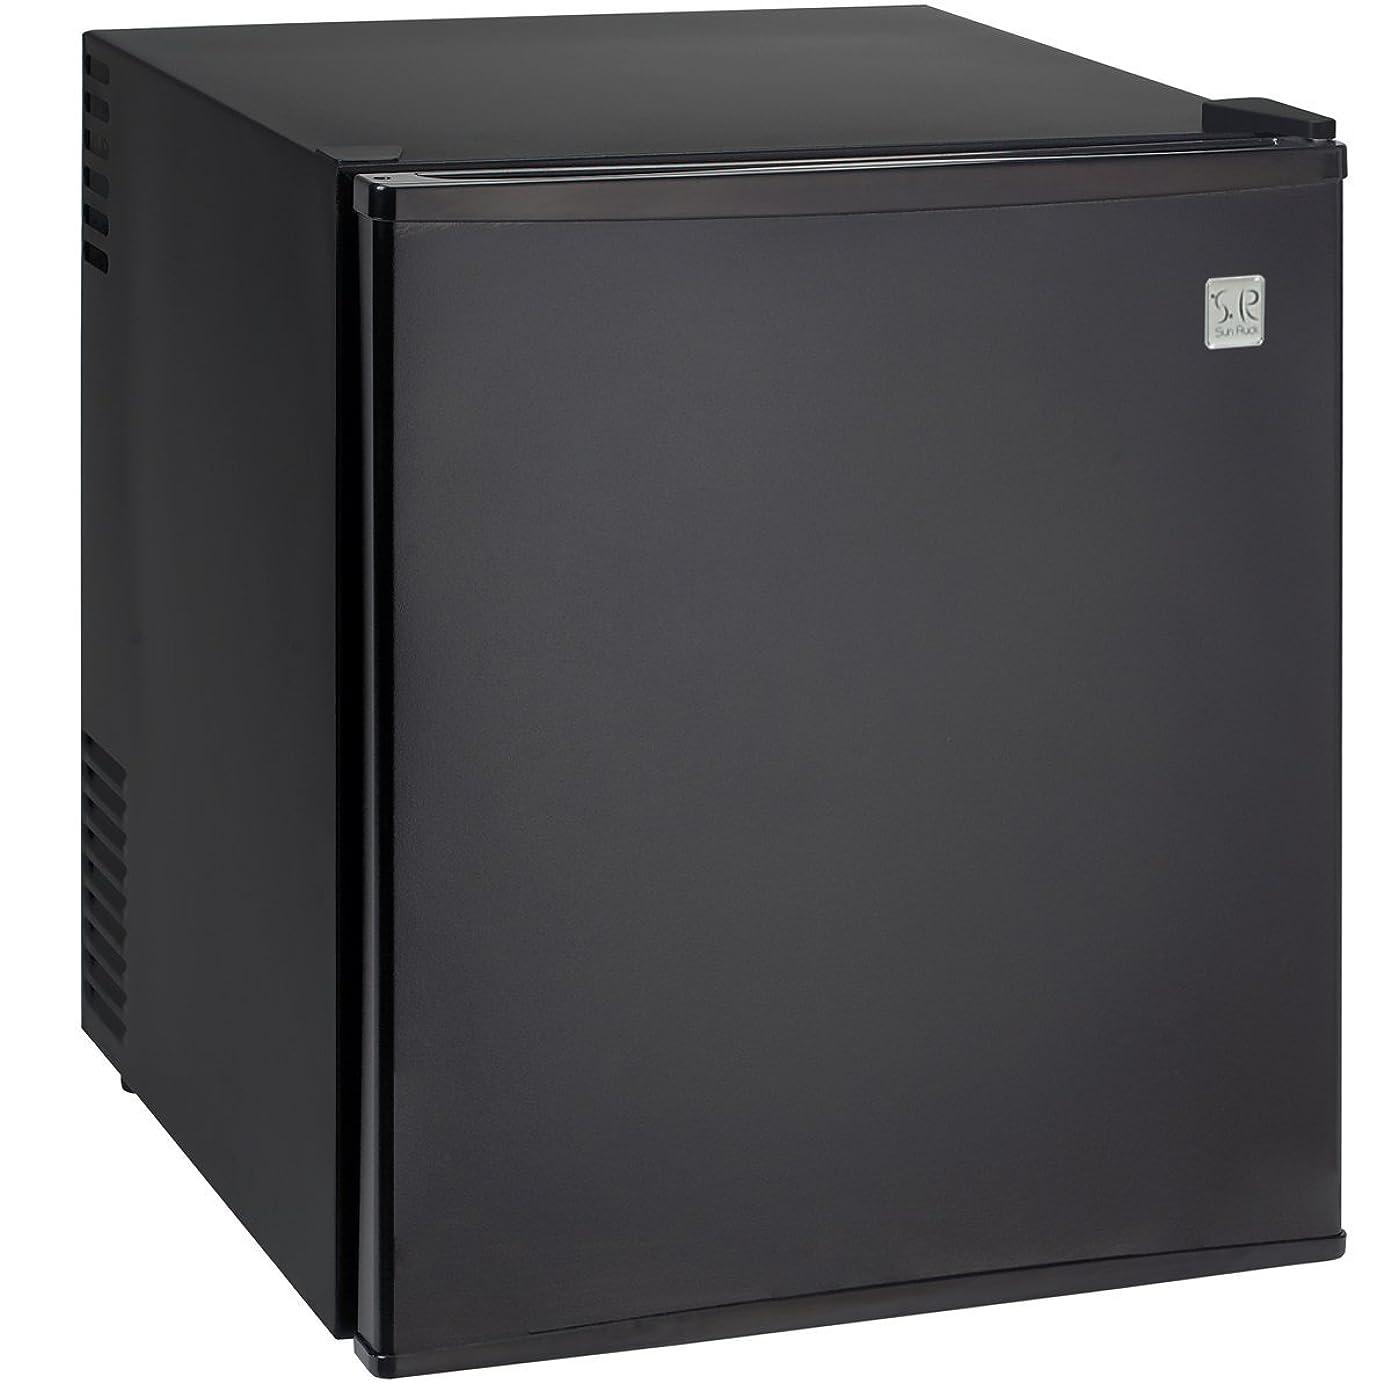 超越するブランド折るSun Ruck (サンルック) 冷庫さん 冷蔵庫 小型 48L 霜取り不要 ペルチェ方式 1ドア 右開き ブラック